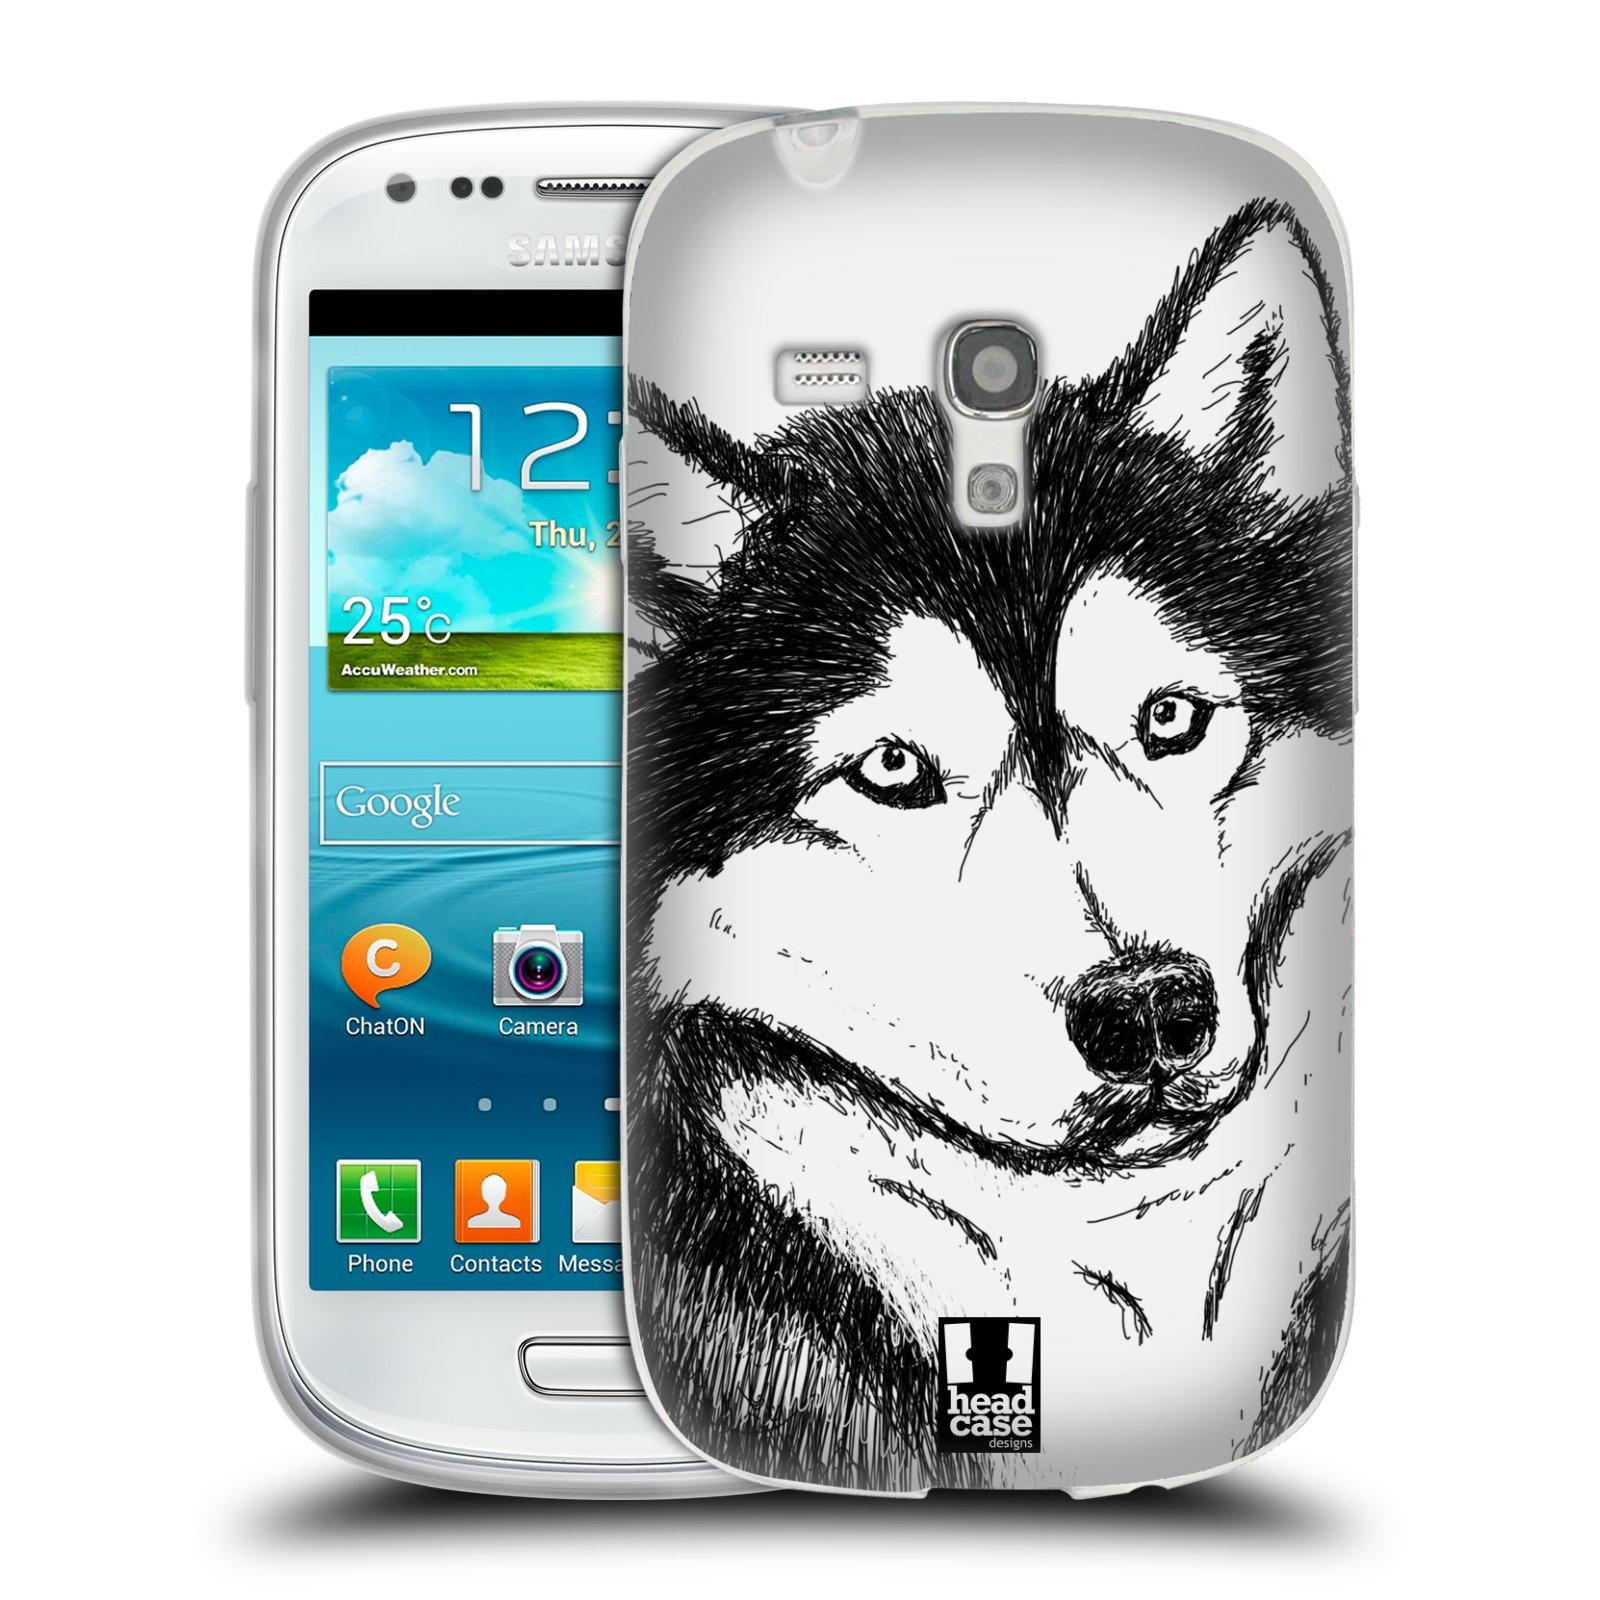 HEAD CASE silikonový obal na mobil Samsung Galaxy S3 MINI i8190 vzor Kreslená zvířátka černá a bílá pes husky